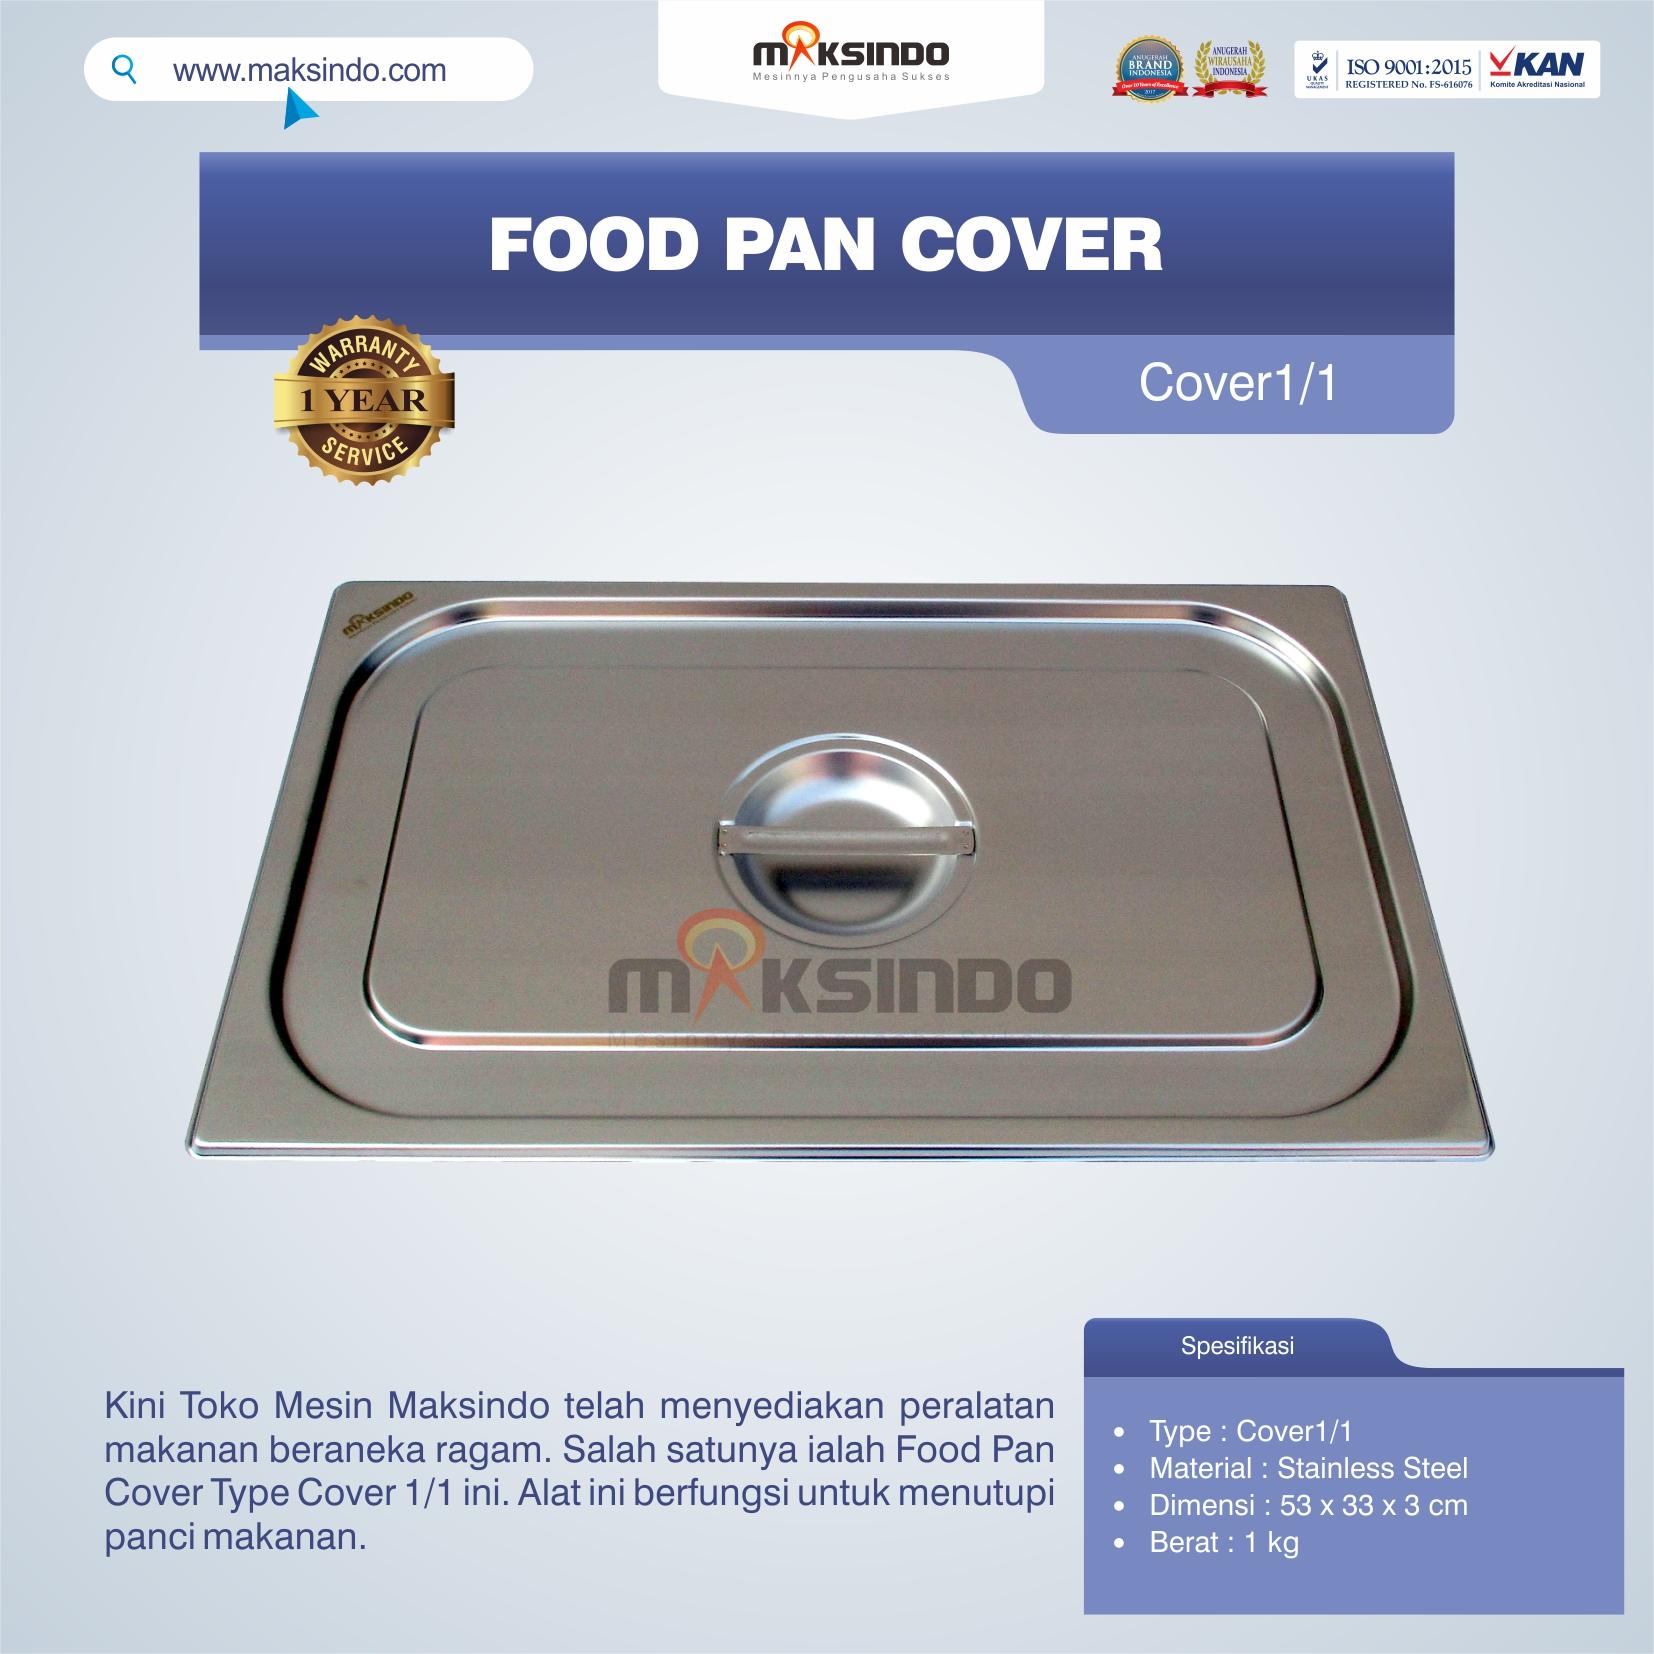 Jual Food Pan Cover Type Cover1/1 di Semarang